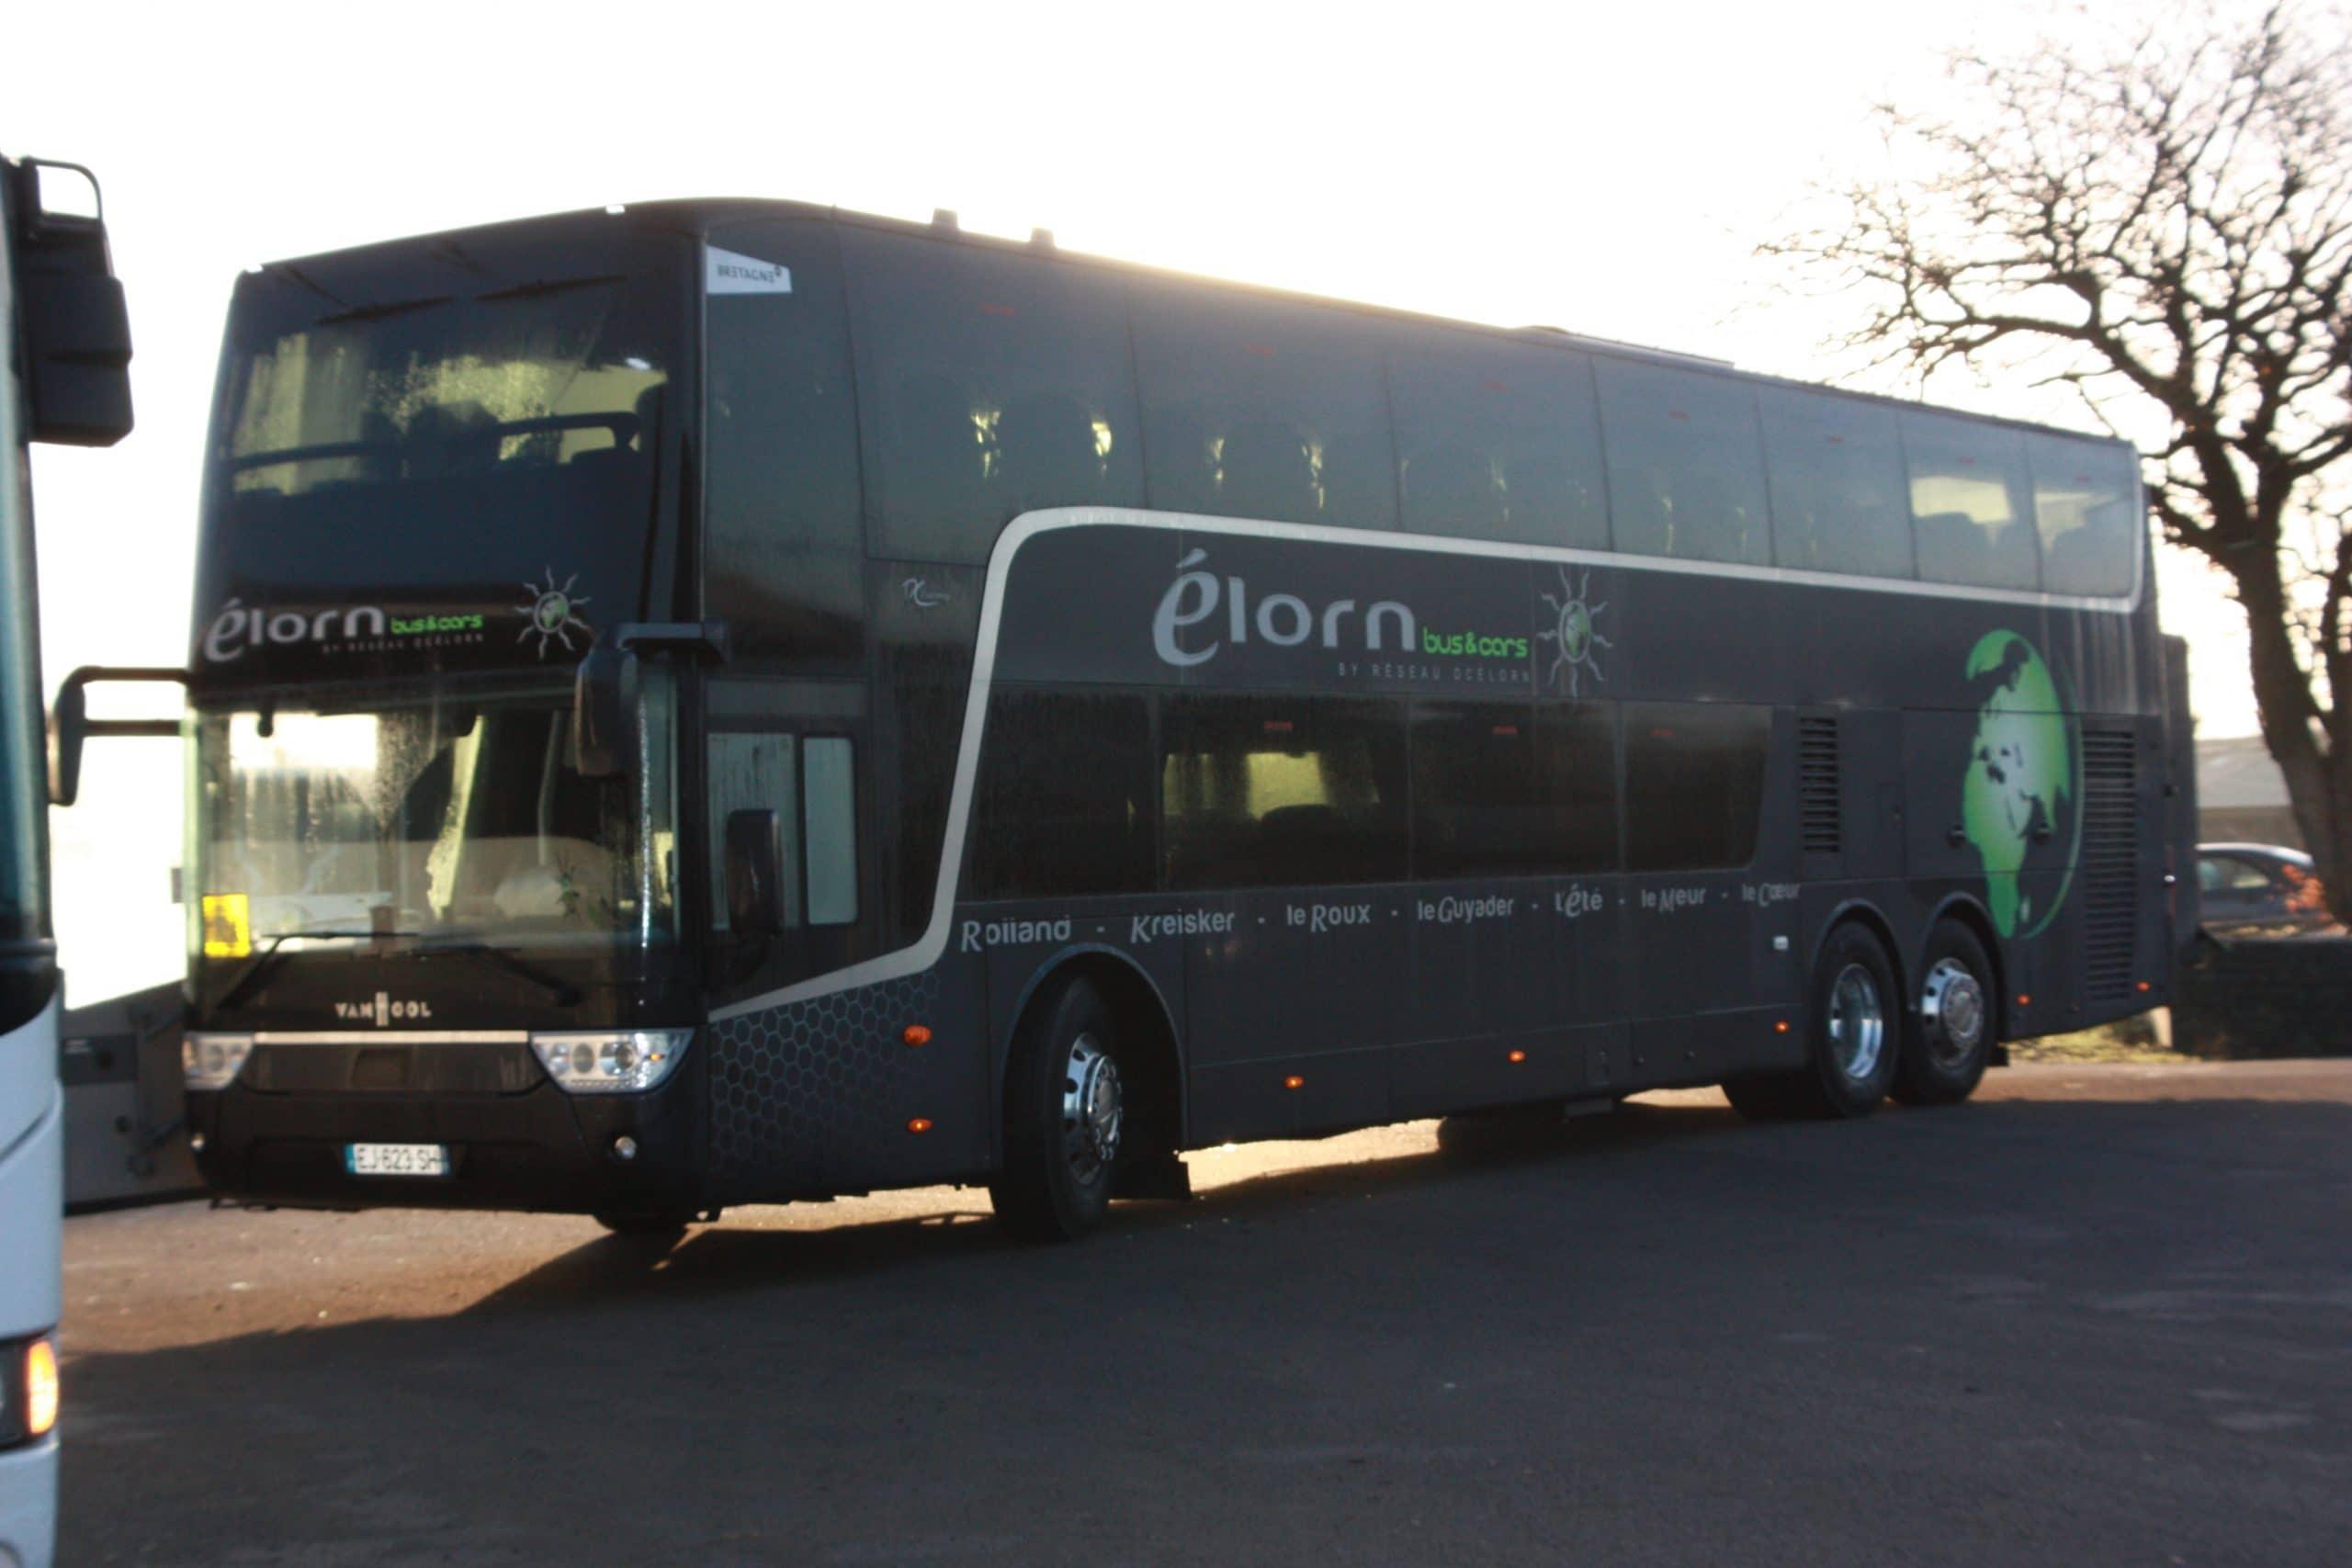 sunset-levé-de-soleil-bretagne-elorn-bus-et-cars-sortie-scolaire-voyages-élèves-transports-de-voyageurs-tourisme-france-finistère